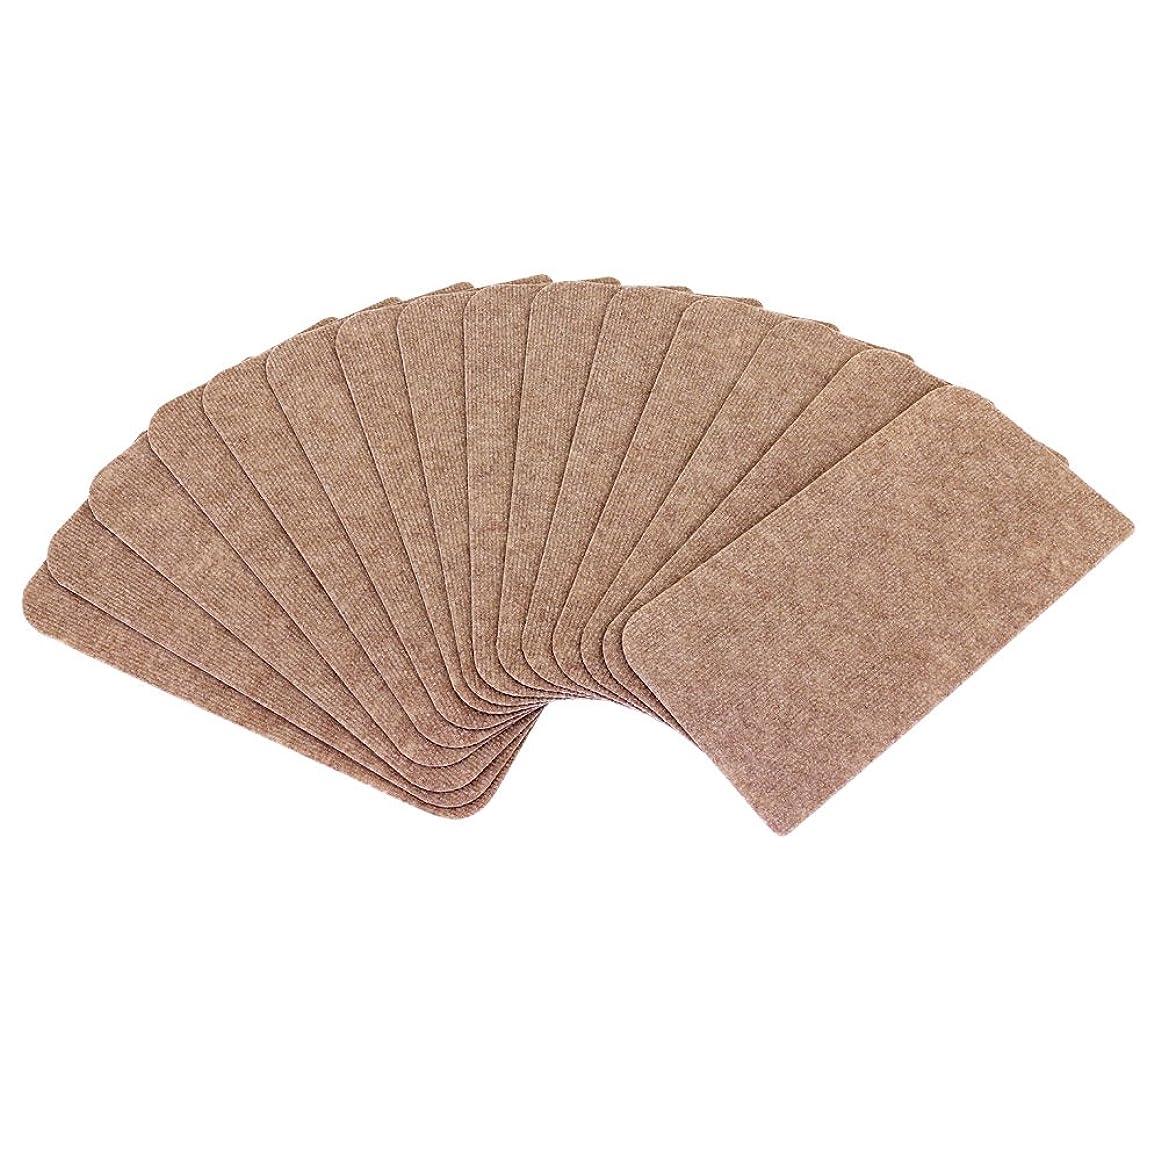 把握ローブハンドブック山五 滑り止め 吸着加工 階段用 ブラウン色 洗えるカーペット 薄手 15枚入り 45×22cm